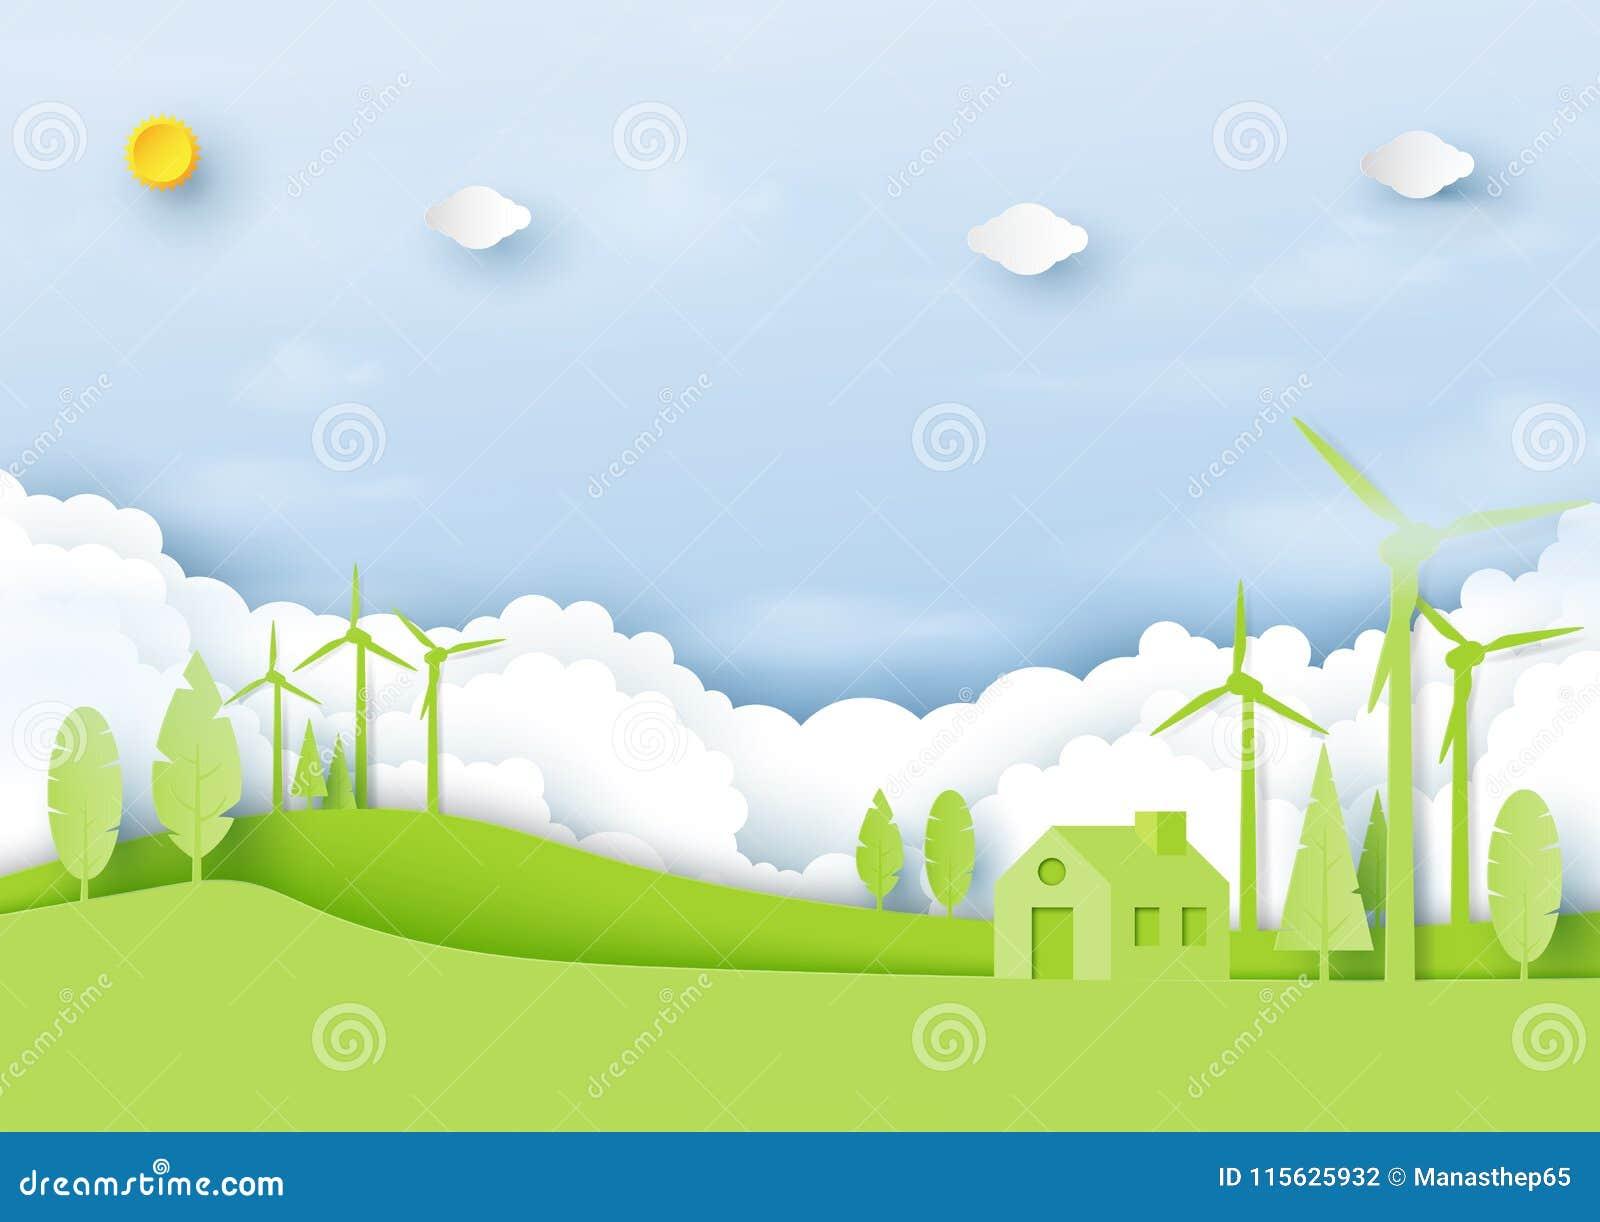 Ambiente do eco verde e chiqueiro amigáveis da arte do papel de conceito da ecologia